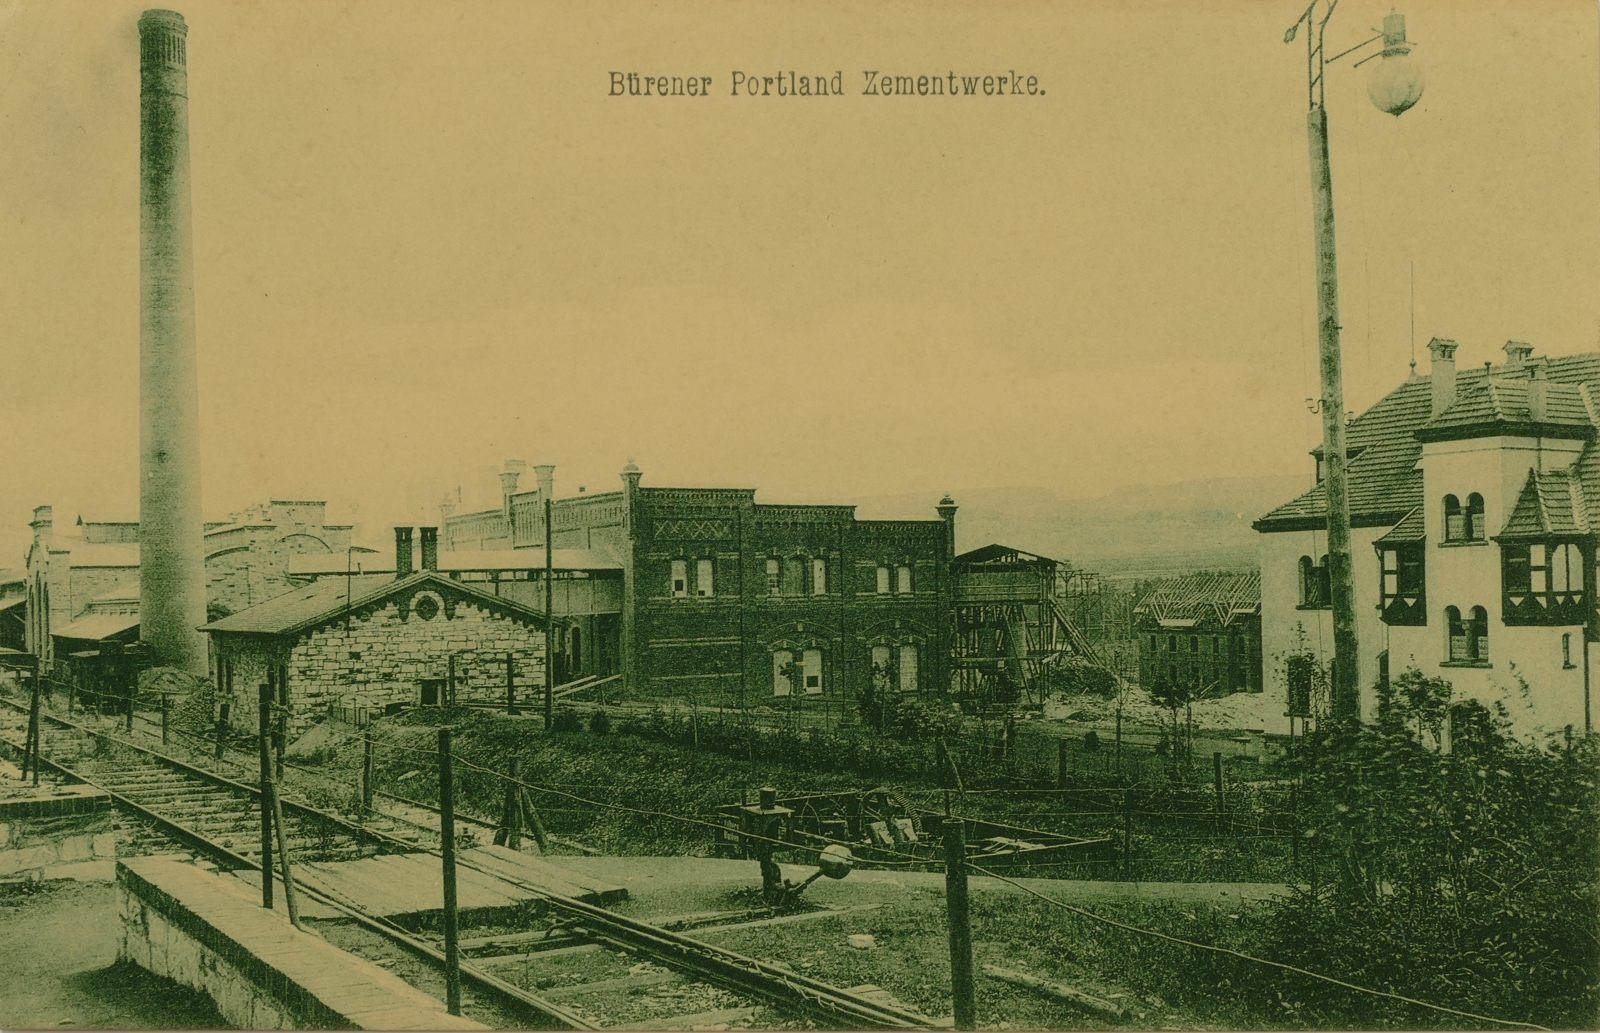 Zementwerke Portland 1907